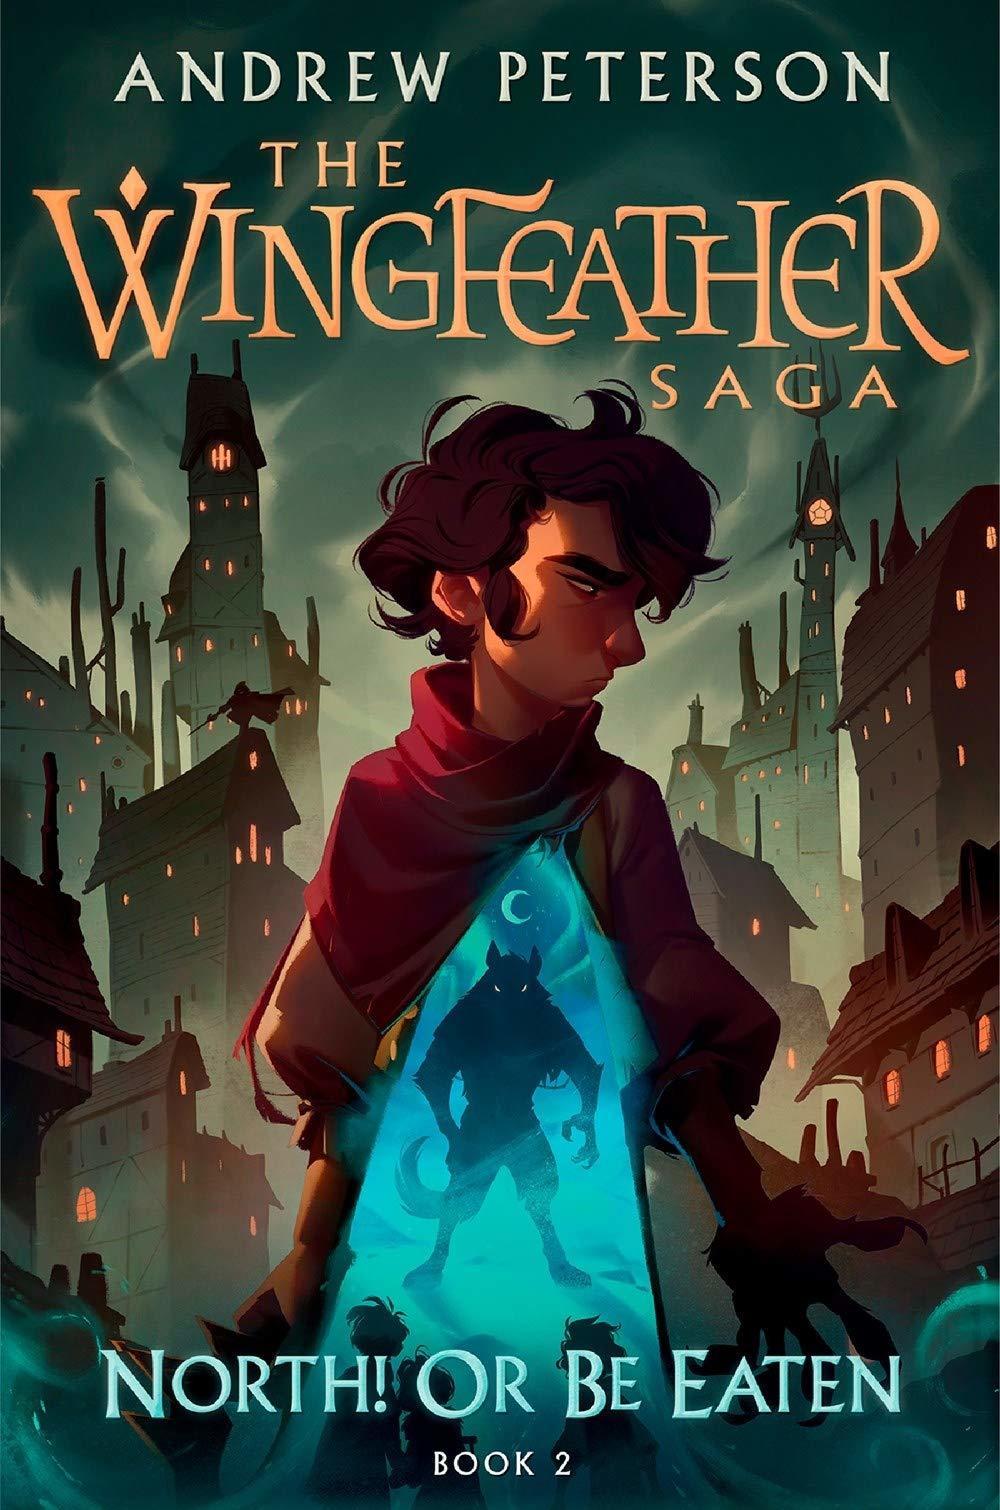 North! Or Be Eaten- Book 2 Wingfeather Saga